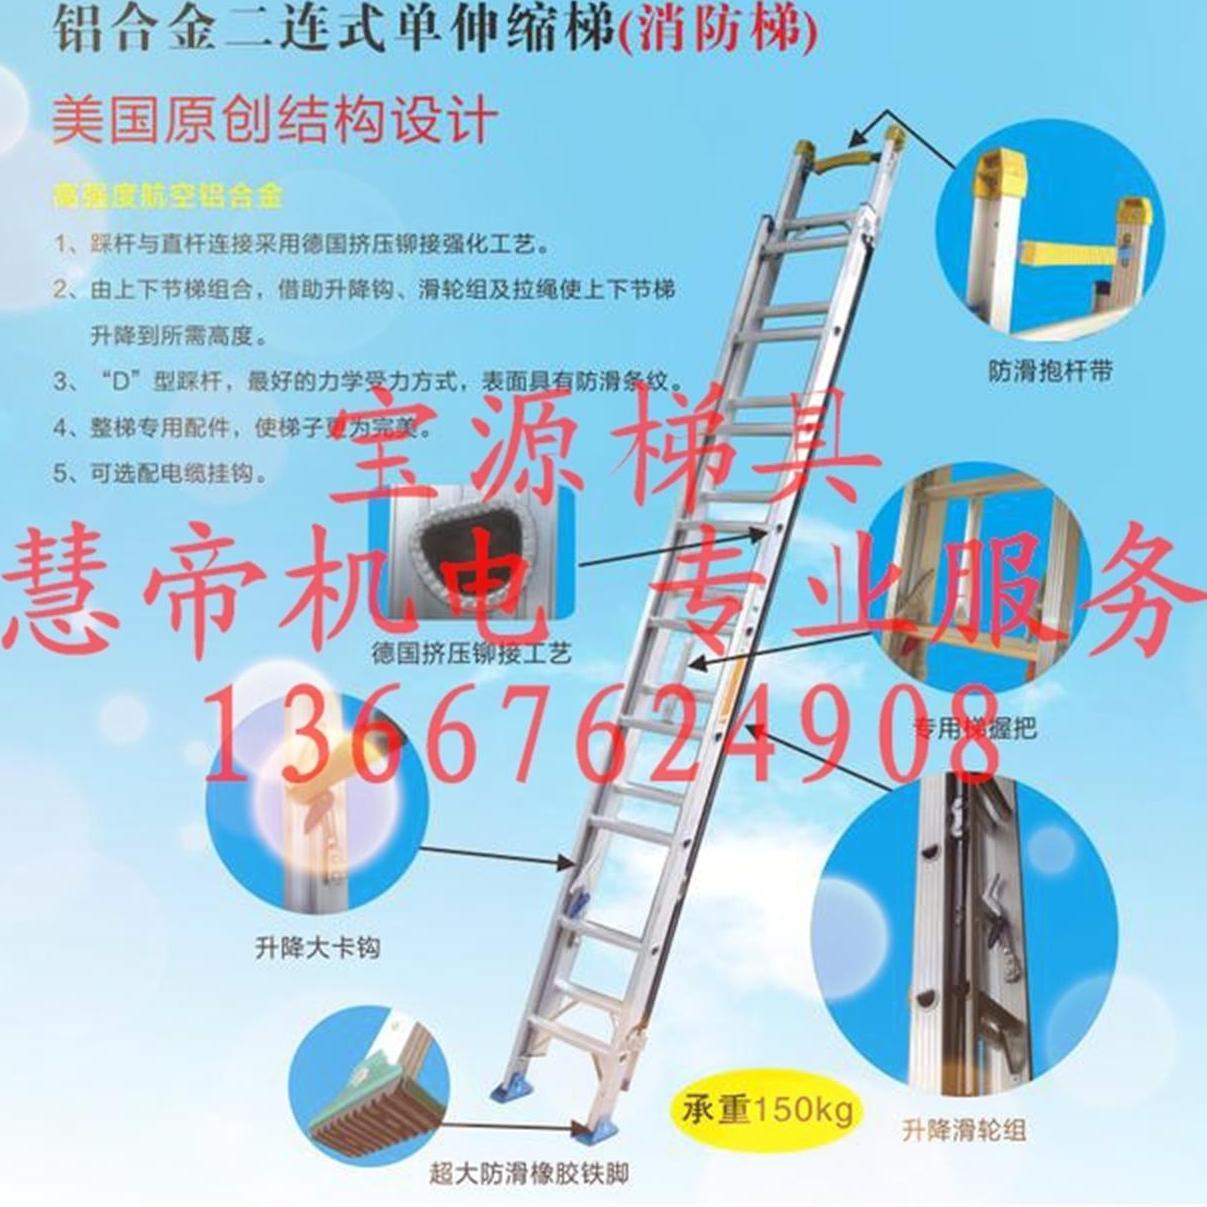 宝源单伸缩梯 伸缩梯子直梯加厚铝合金升降梯4-14米人字梯单面工程梯